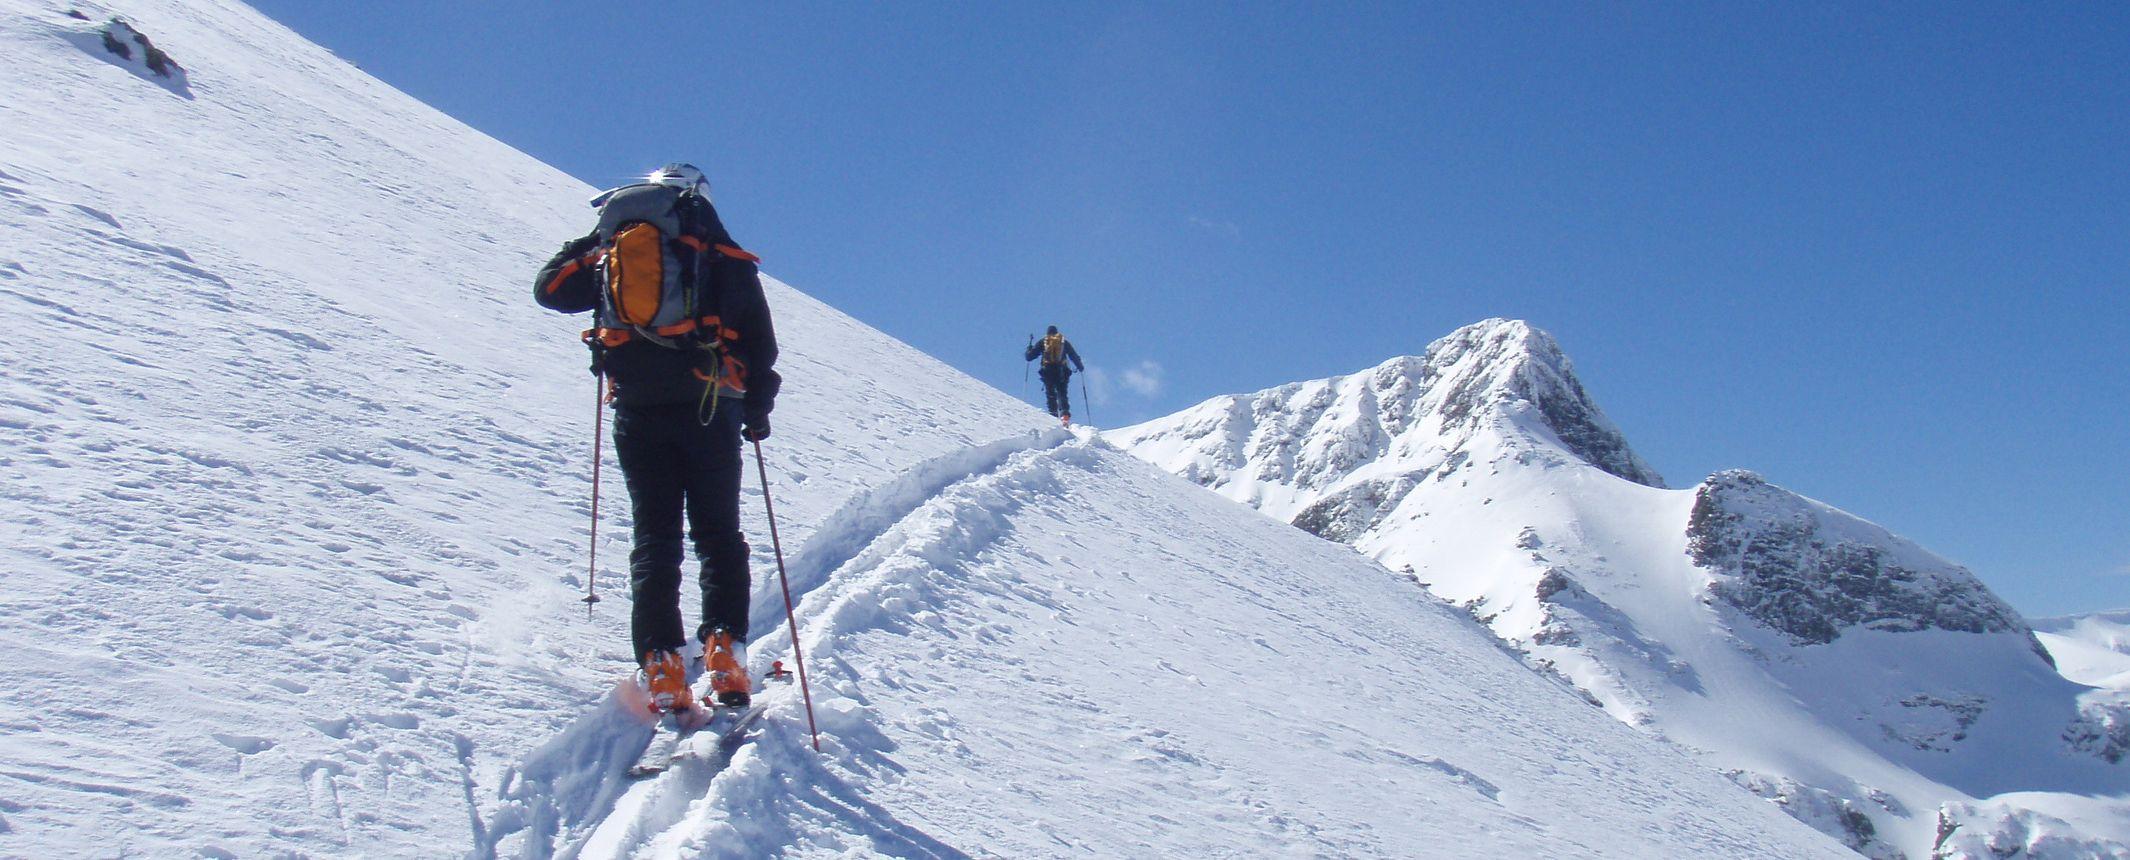 Bulgaria - Rila y Pirin en esquís de montaña